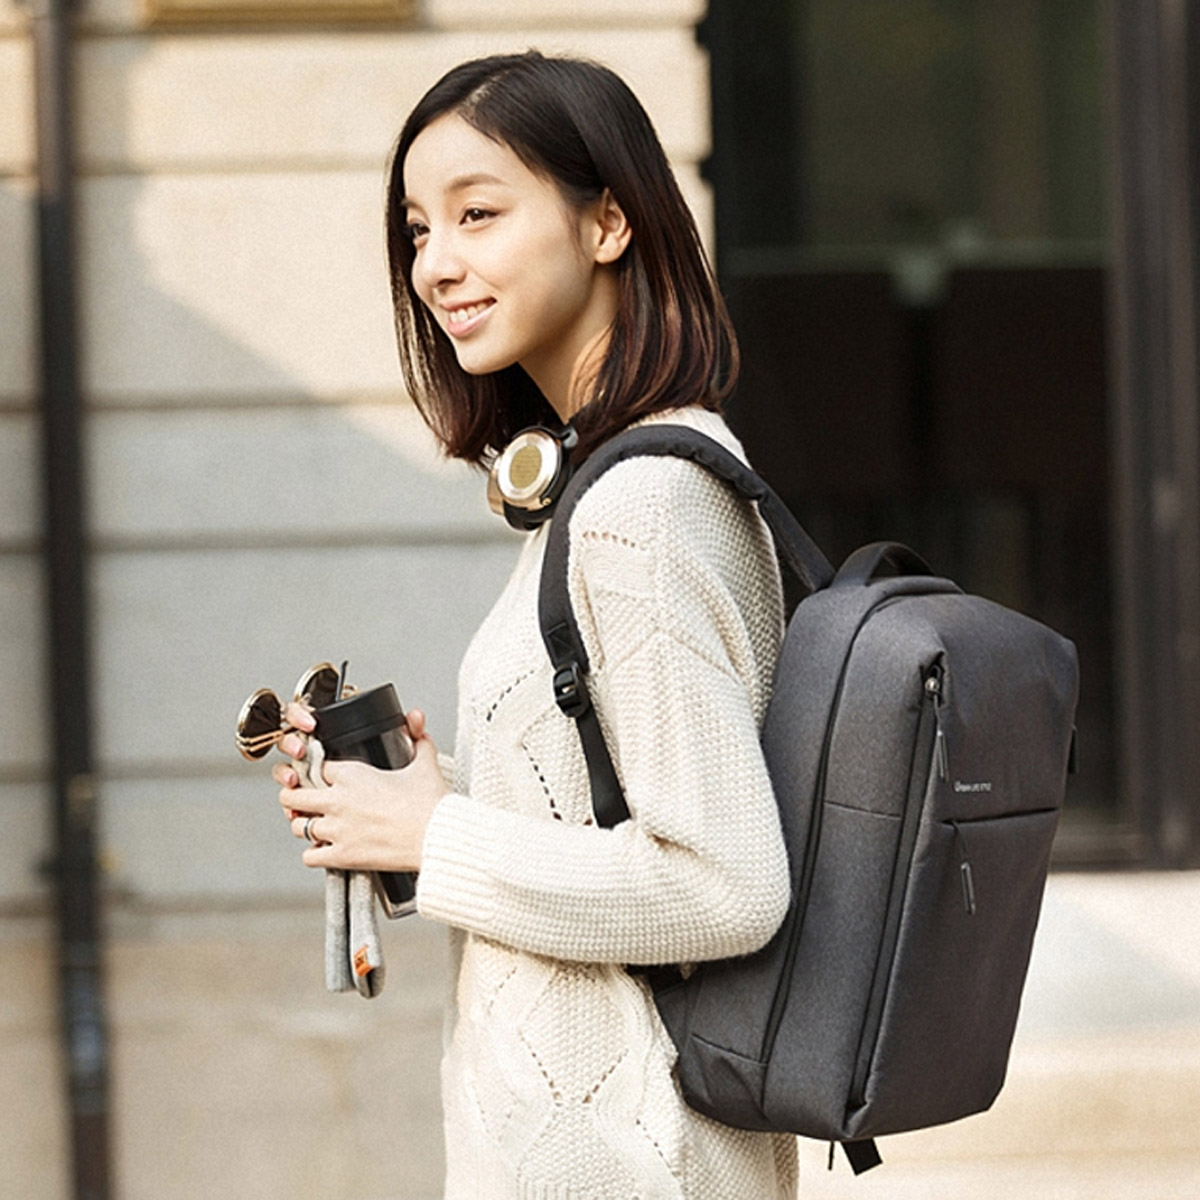 کوله پشتی لپ تاپ شیائومی مدل Mi Urban 7